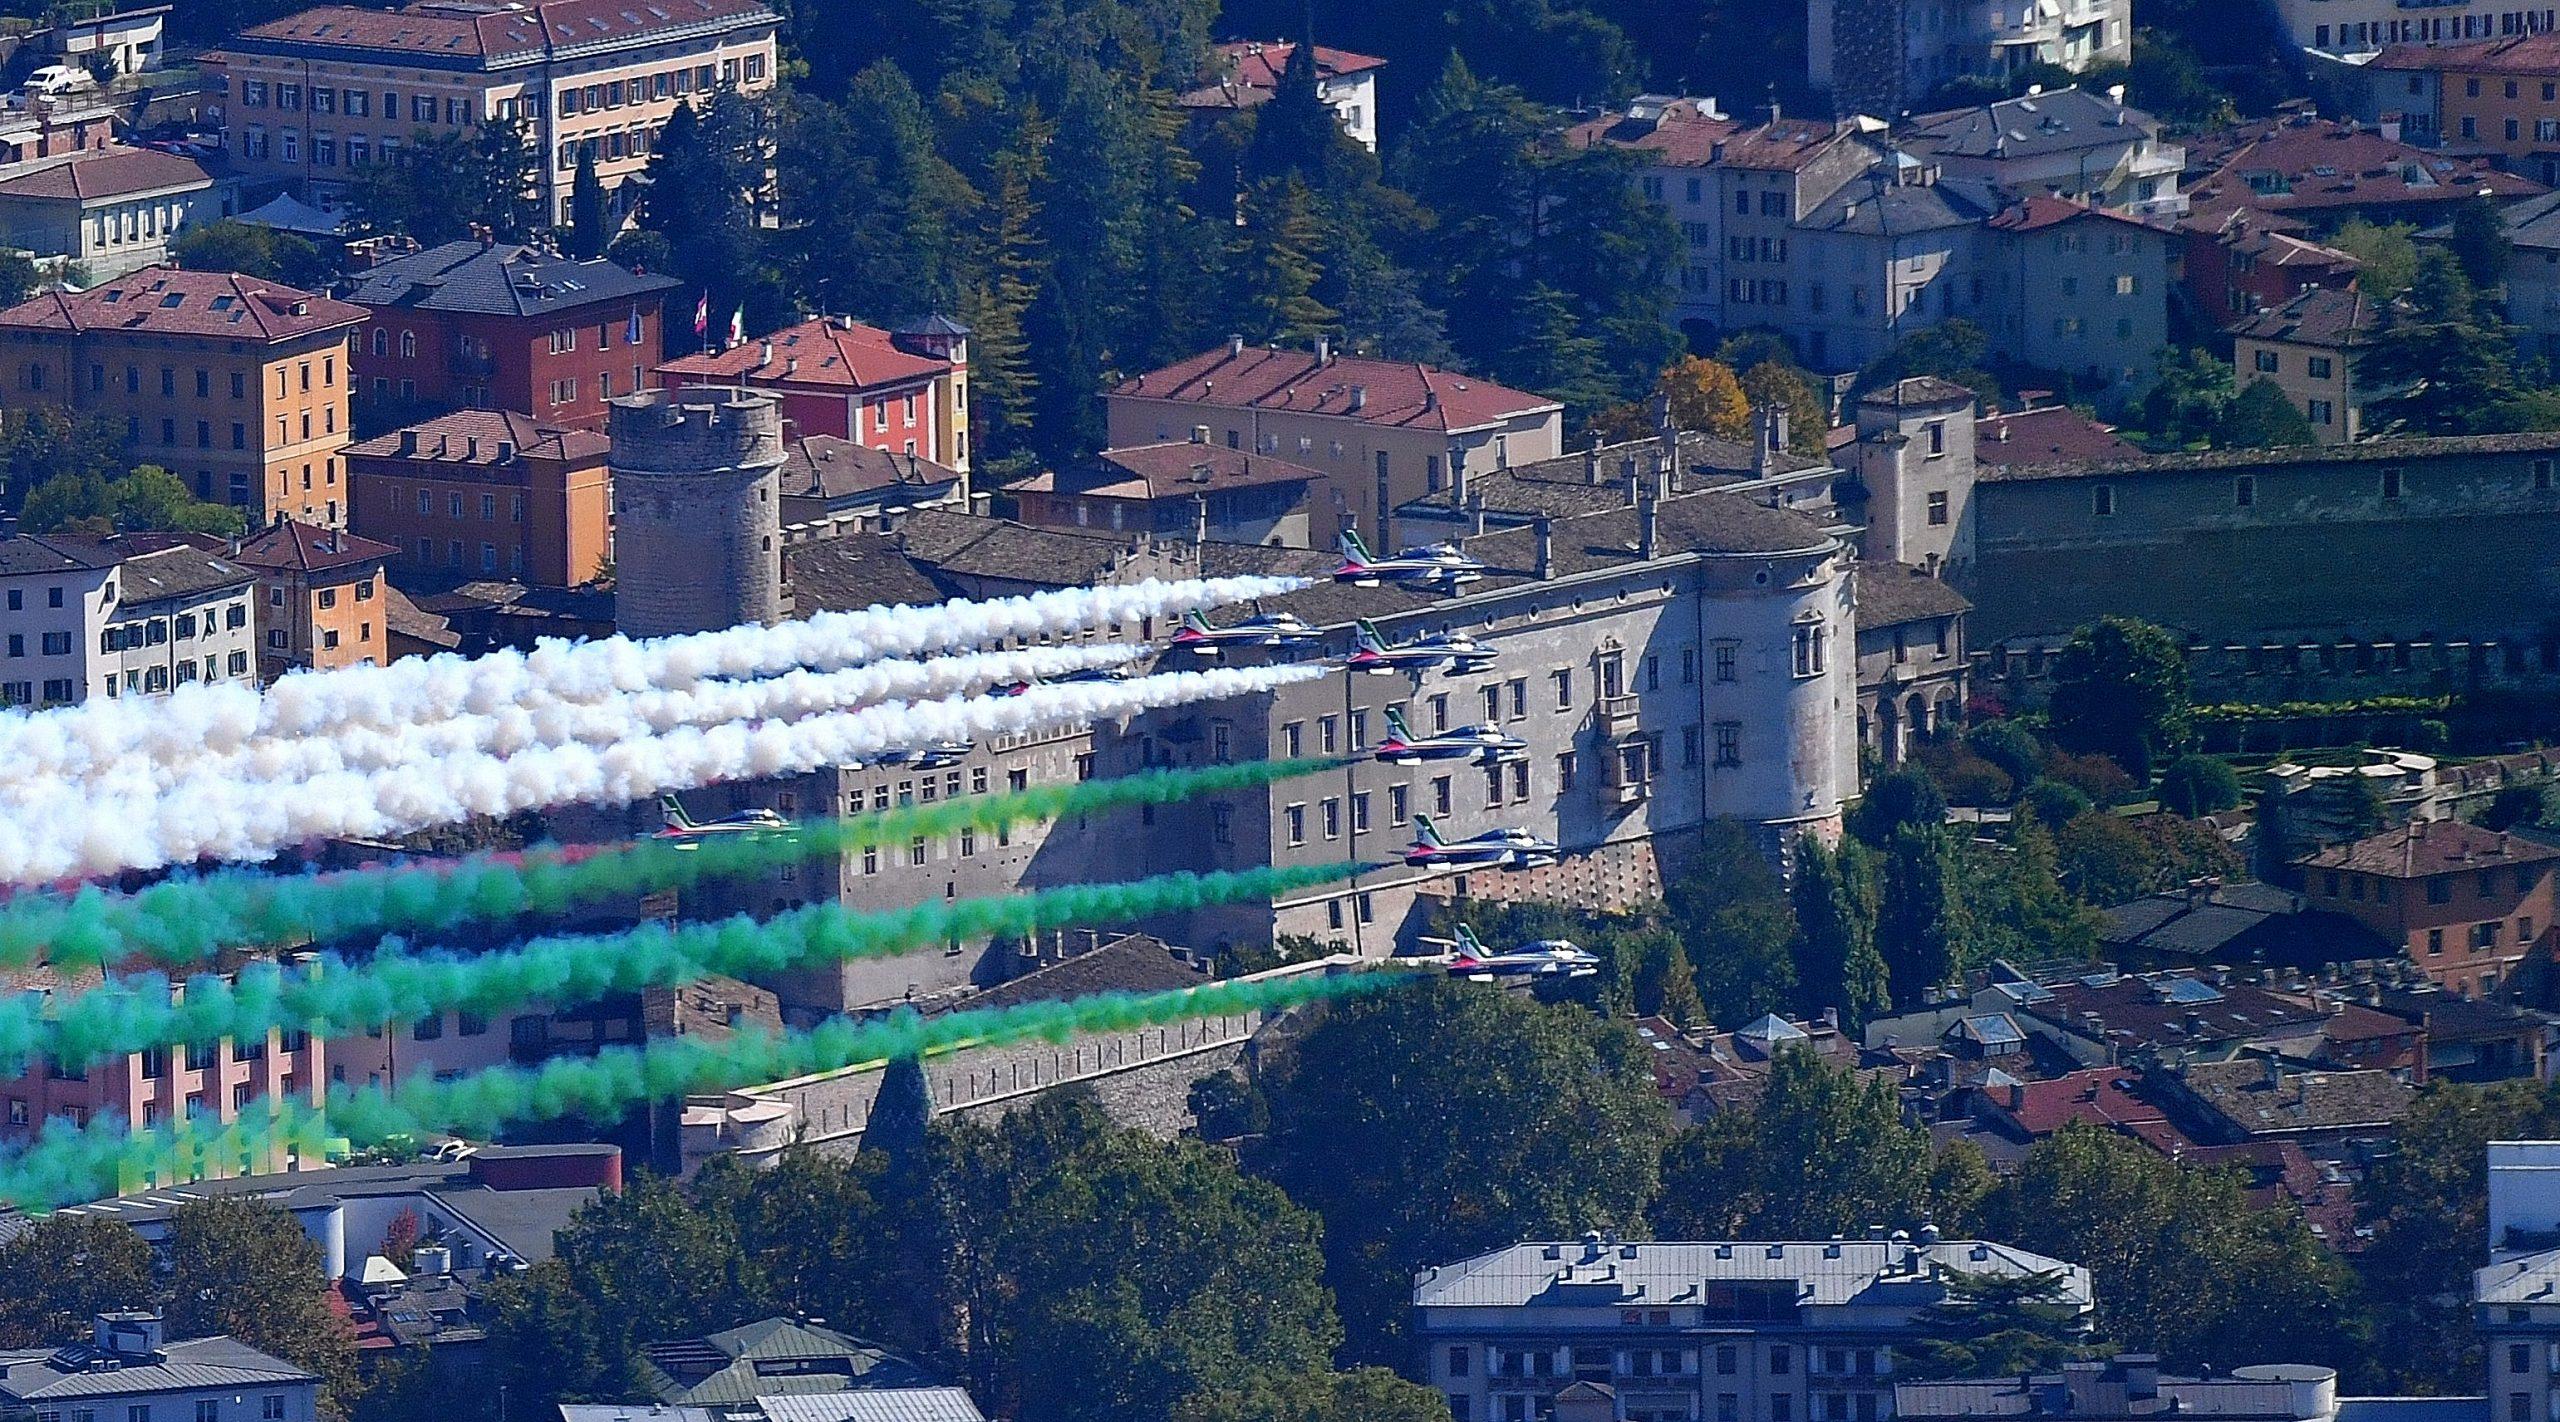 Le frecce tricolori sulla città di Trento